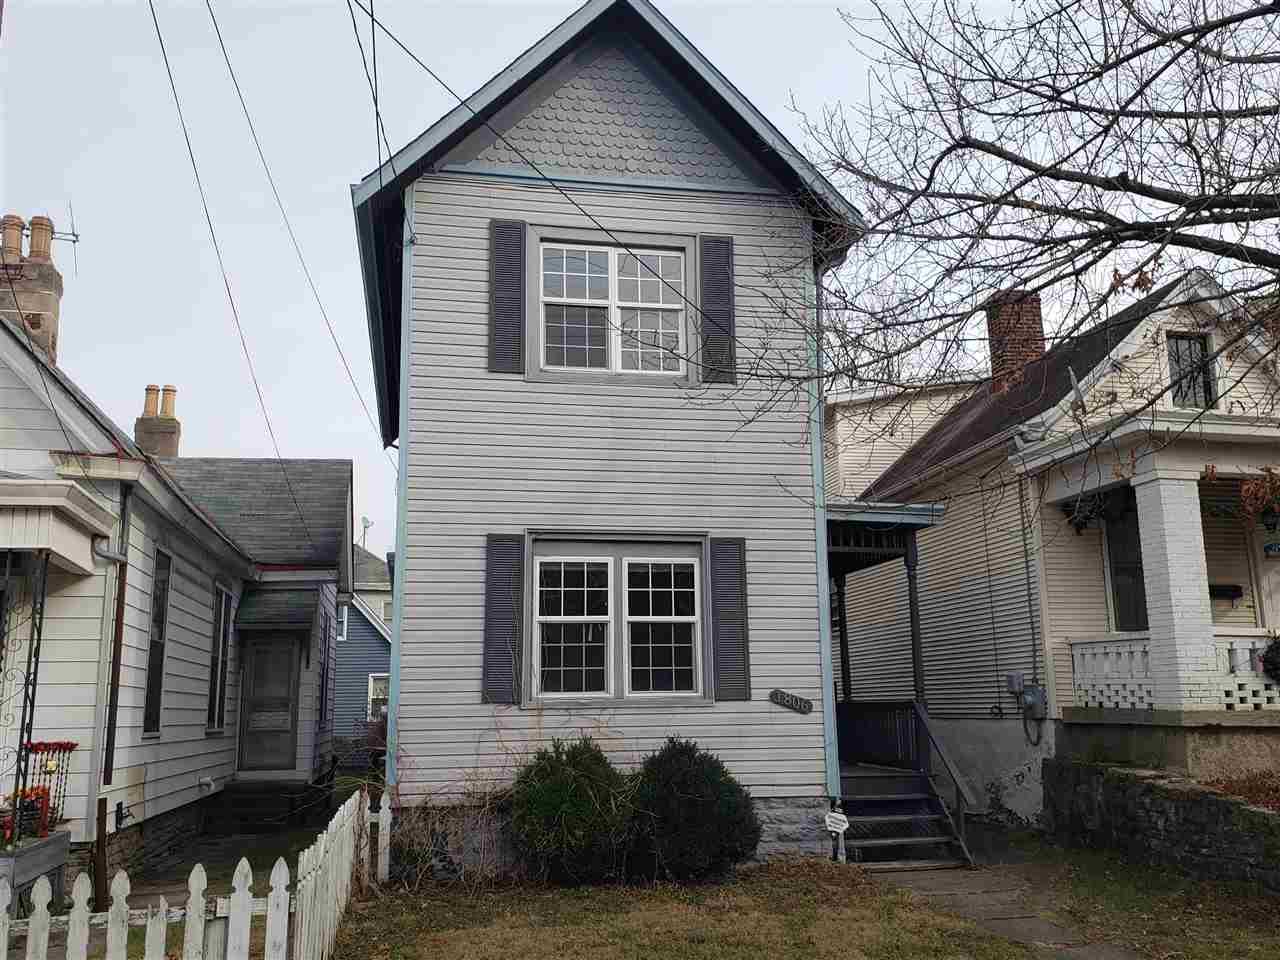 1806 Garrard, Covington, Kentucky